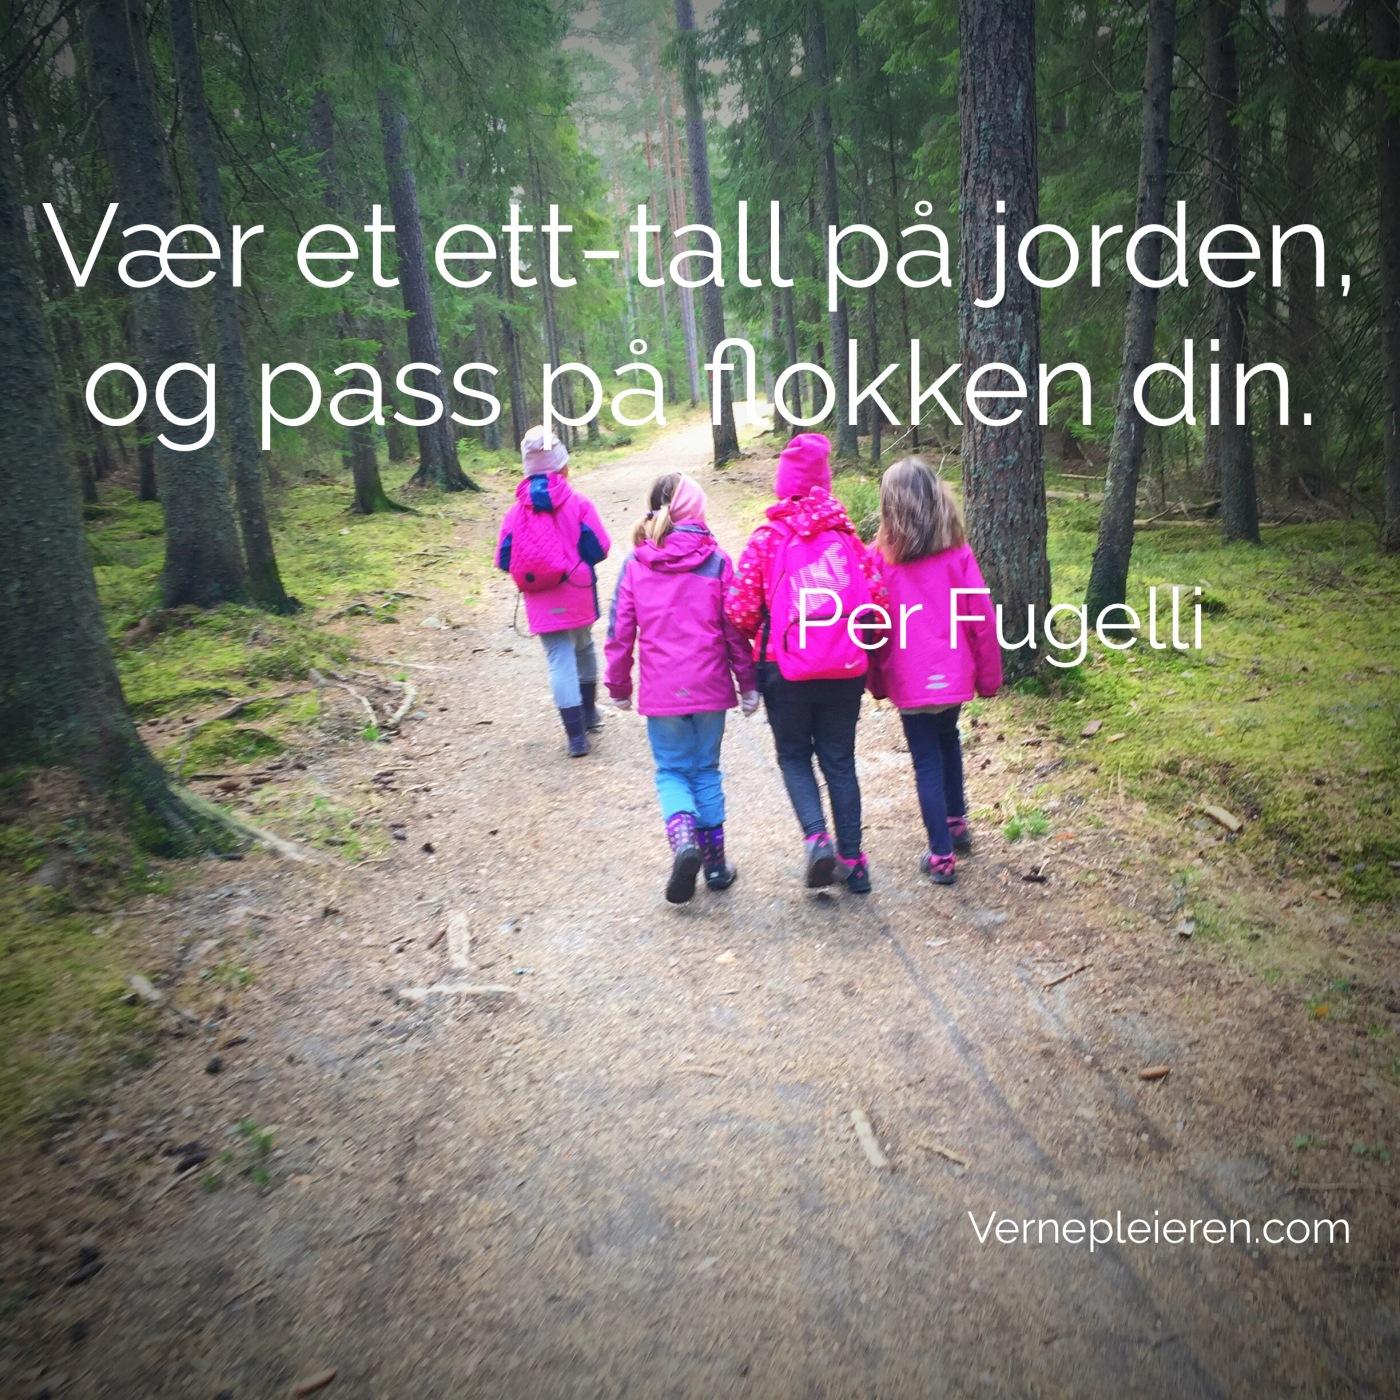 """Bilde av fire jeneter som går i skogen, med følgende tekst: Vær et ett-tall på jorden, og pass på flokken din."""""""